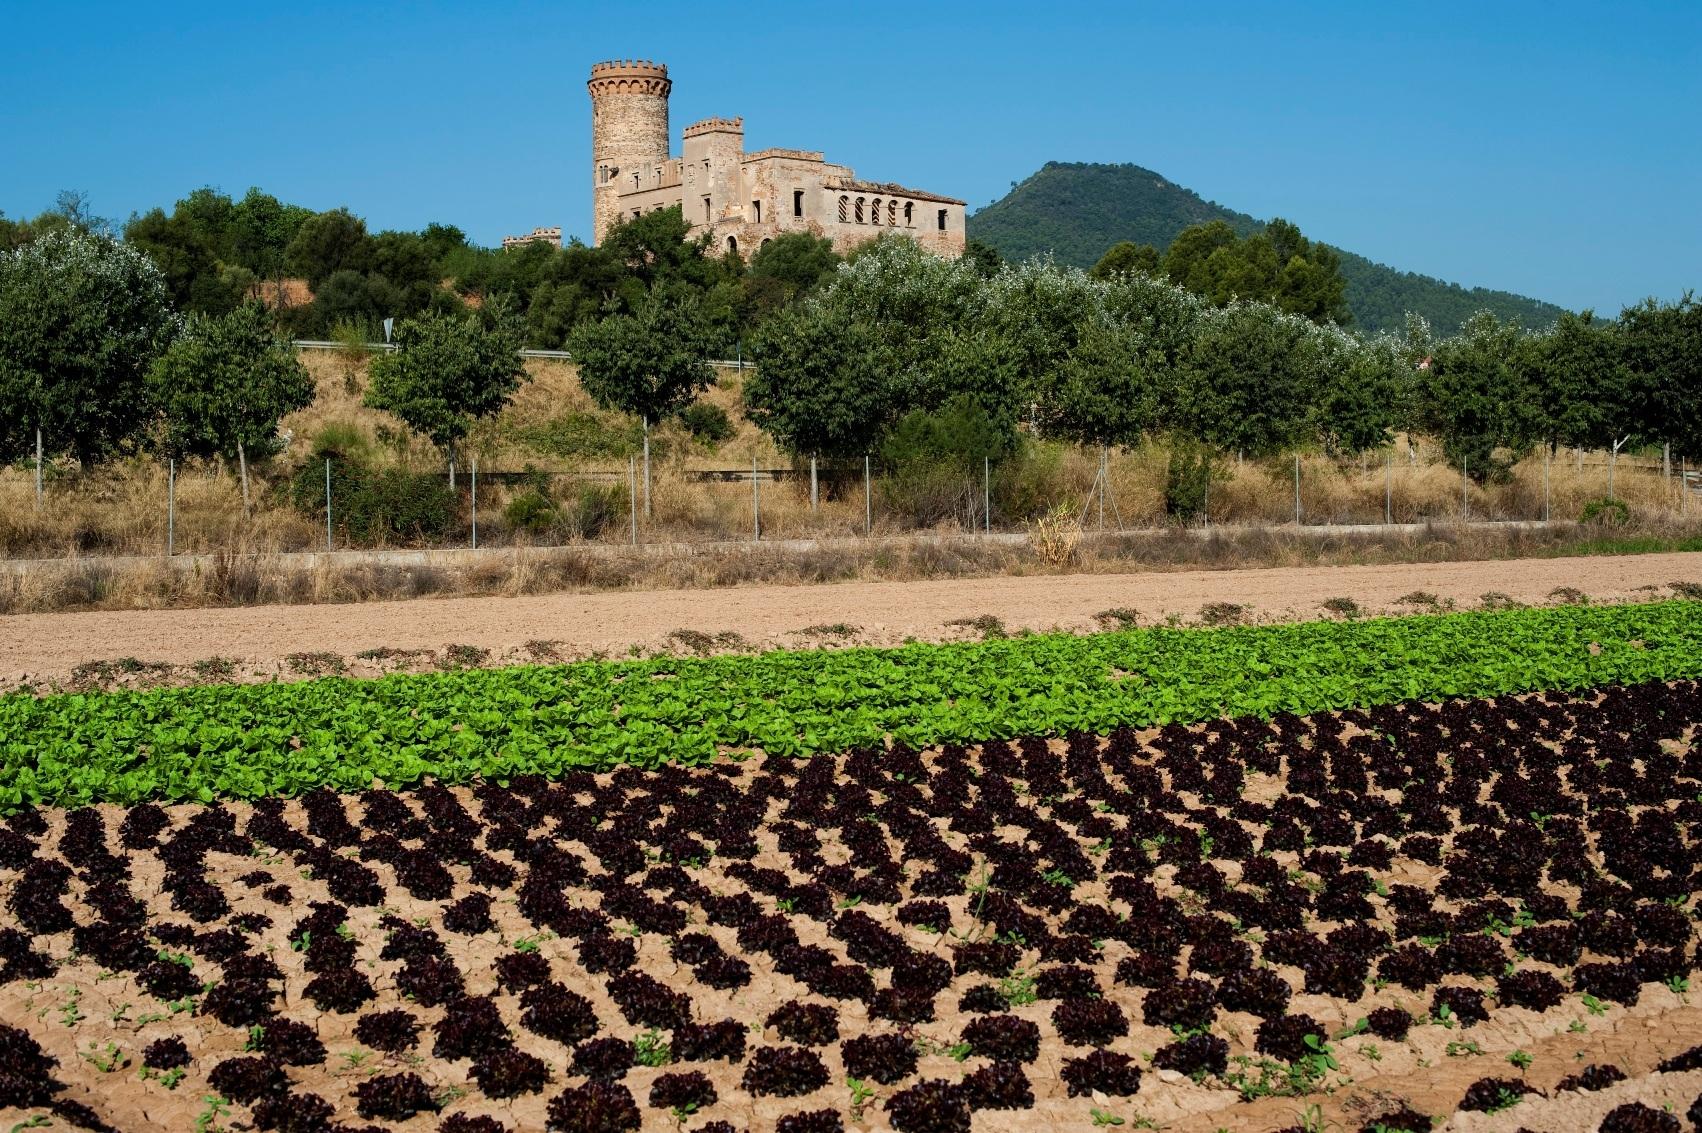 Parc Agrari del Baix Llobregat